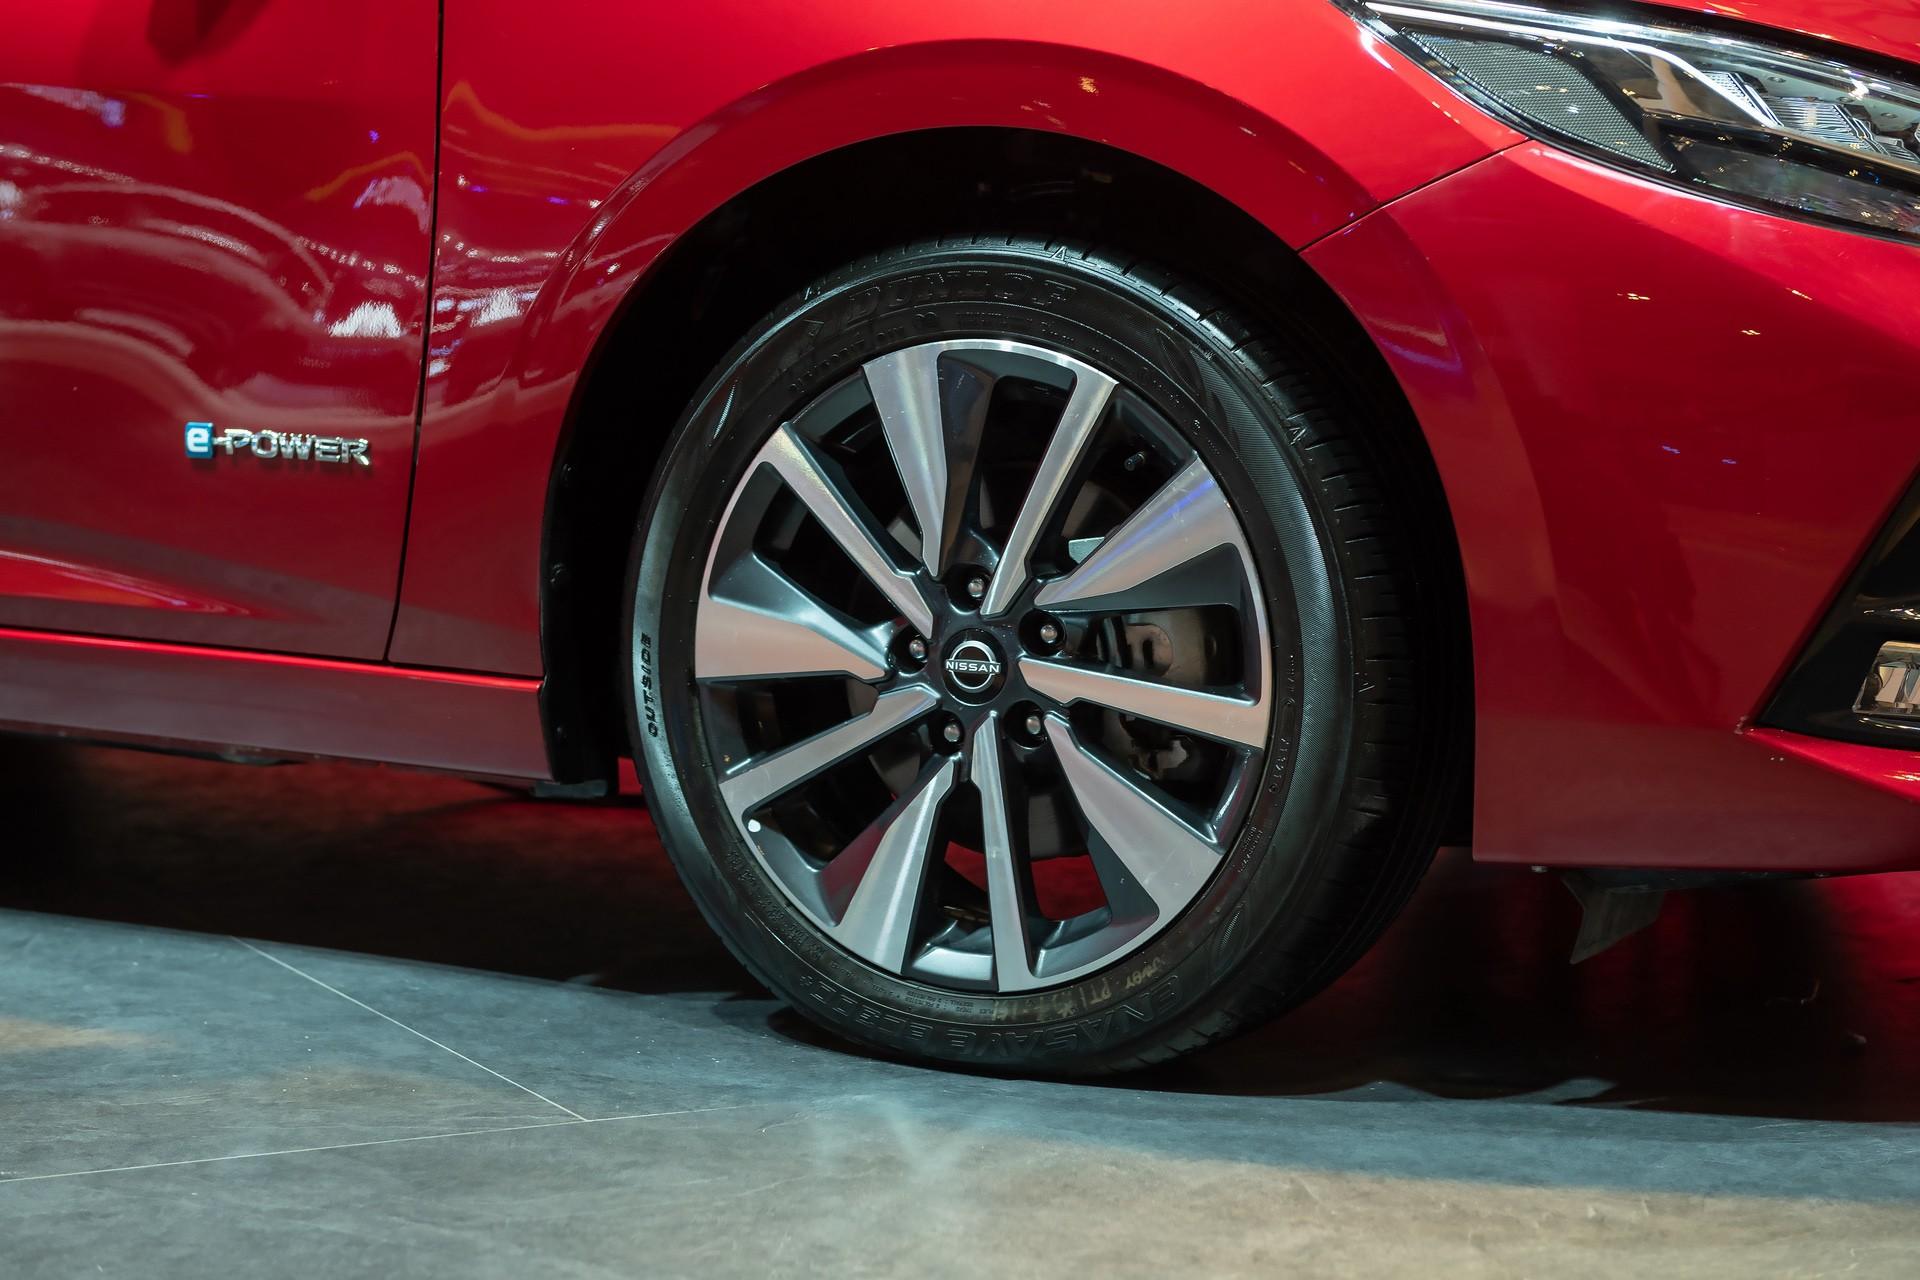 Nissan_Sylphy_e-Power-0029